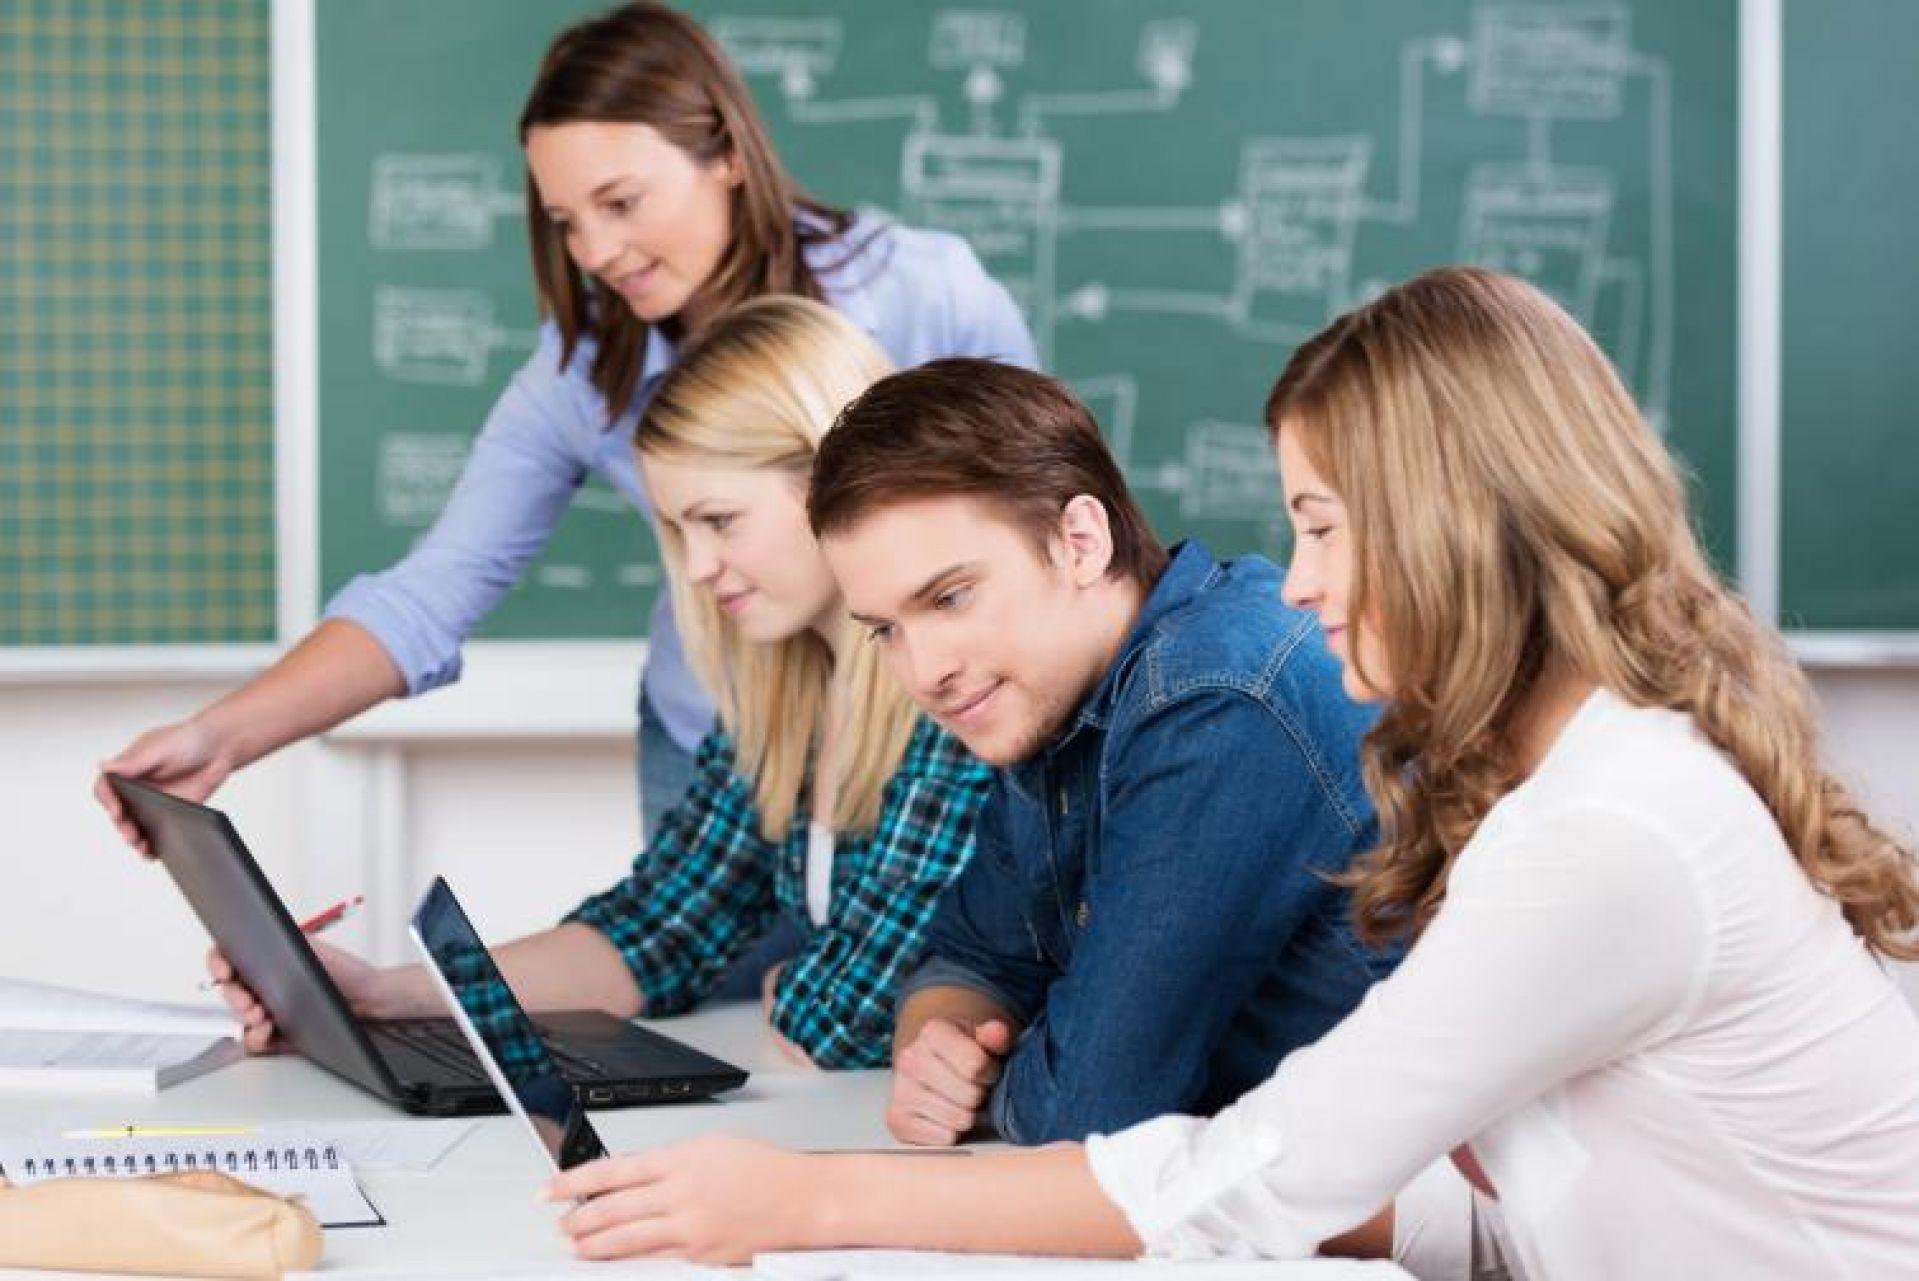 Pós-Graduação em Inovação na Educação com Metodologias Ativas  em Porto Alegre | Factum Graduação e Cursos Técnicos